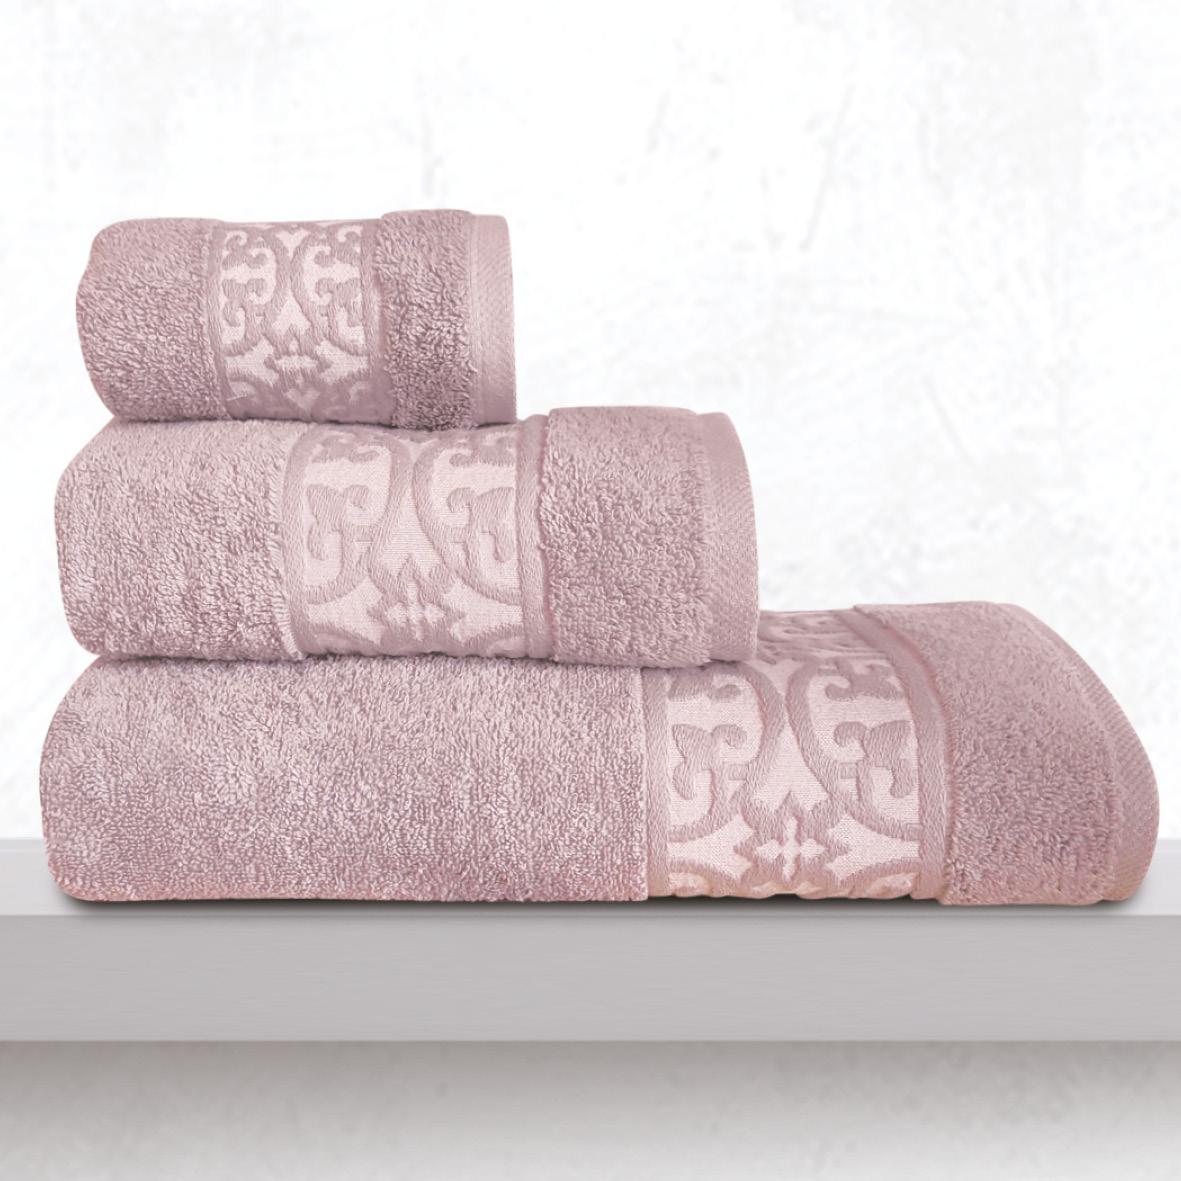 Πετσέτες Μπάνιου (Σετ 3 Τμχ) Sb Home Zenith Lilac